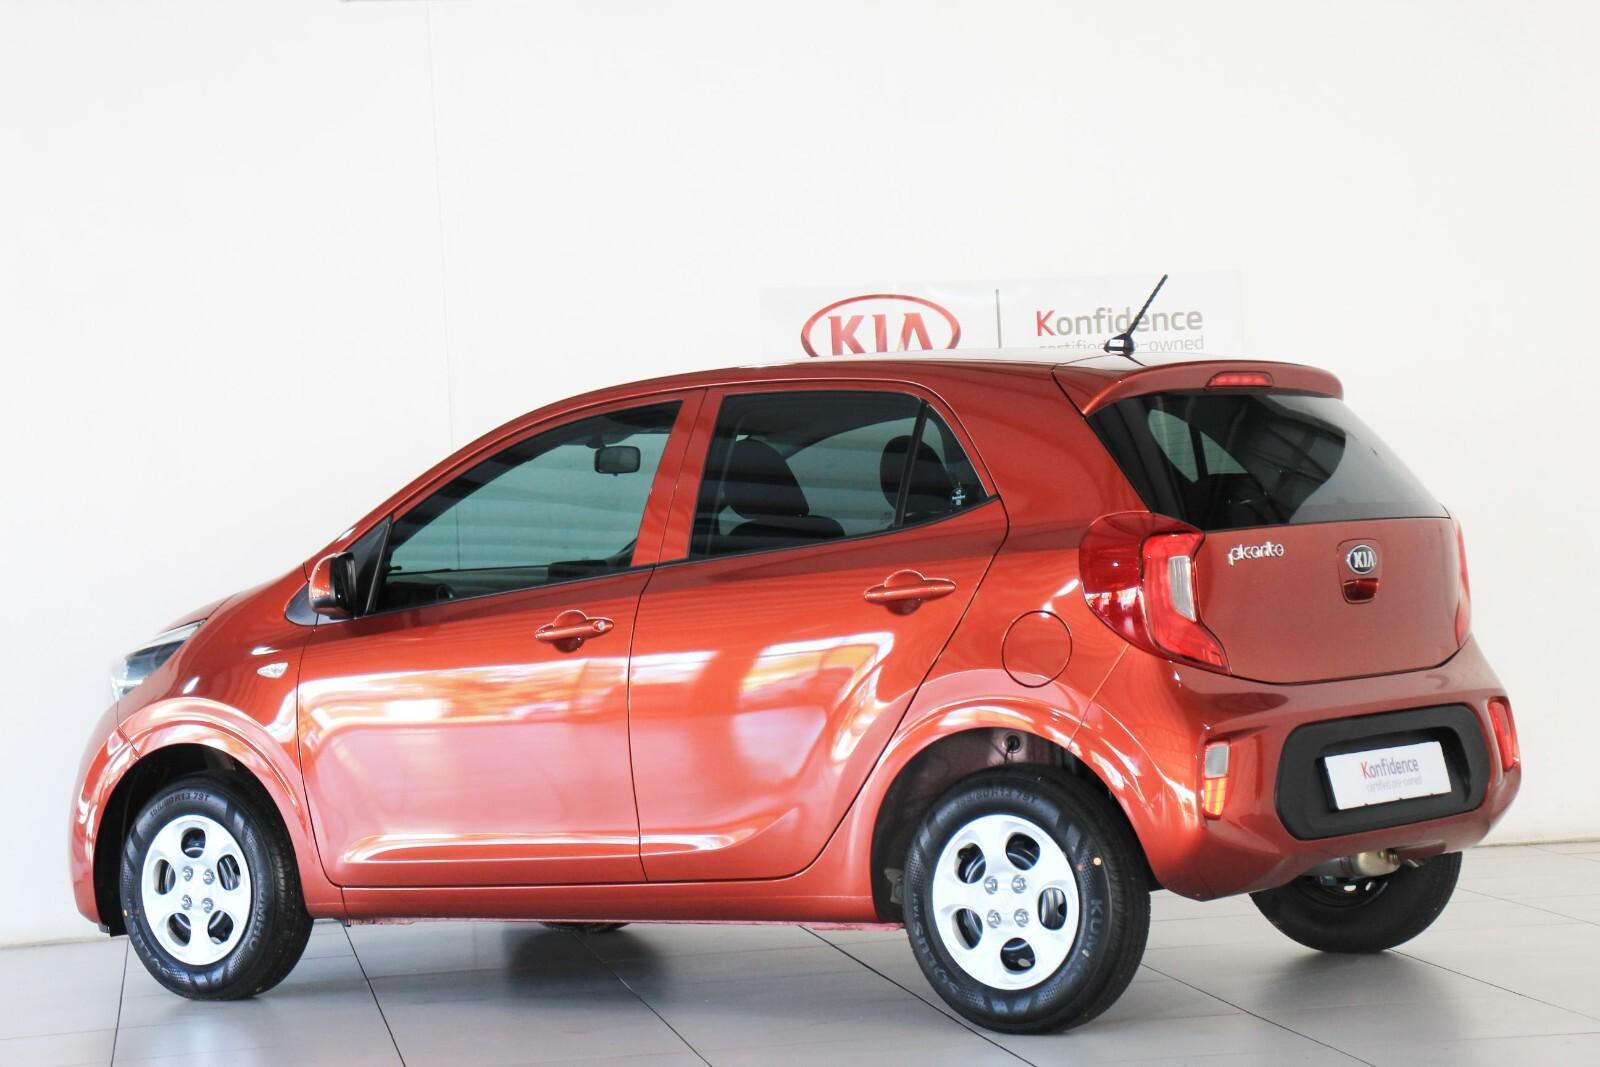 KIA 1.0 START Cape Town 10335641